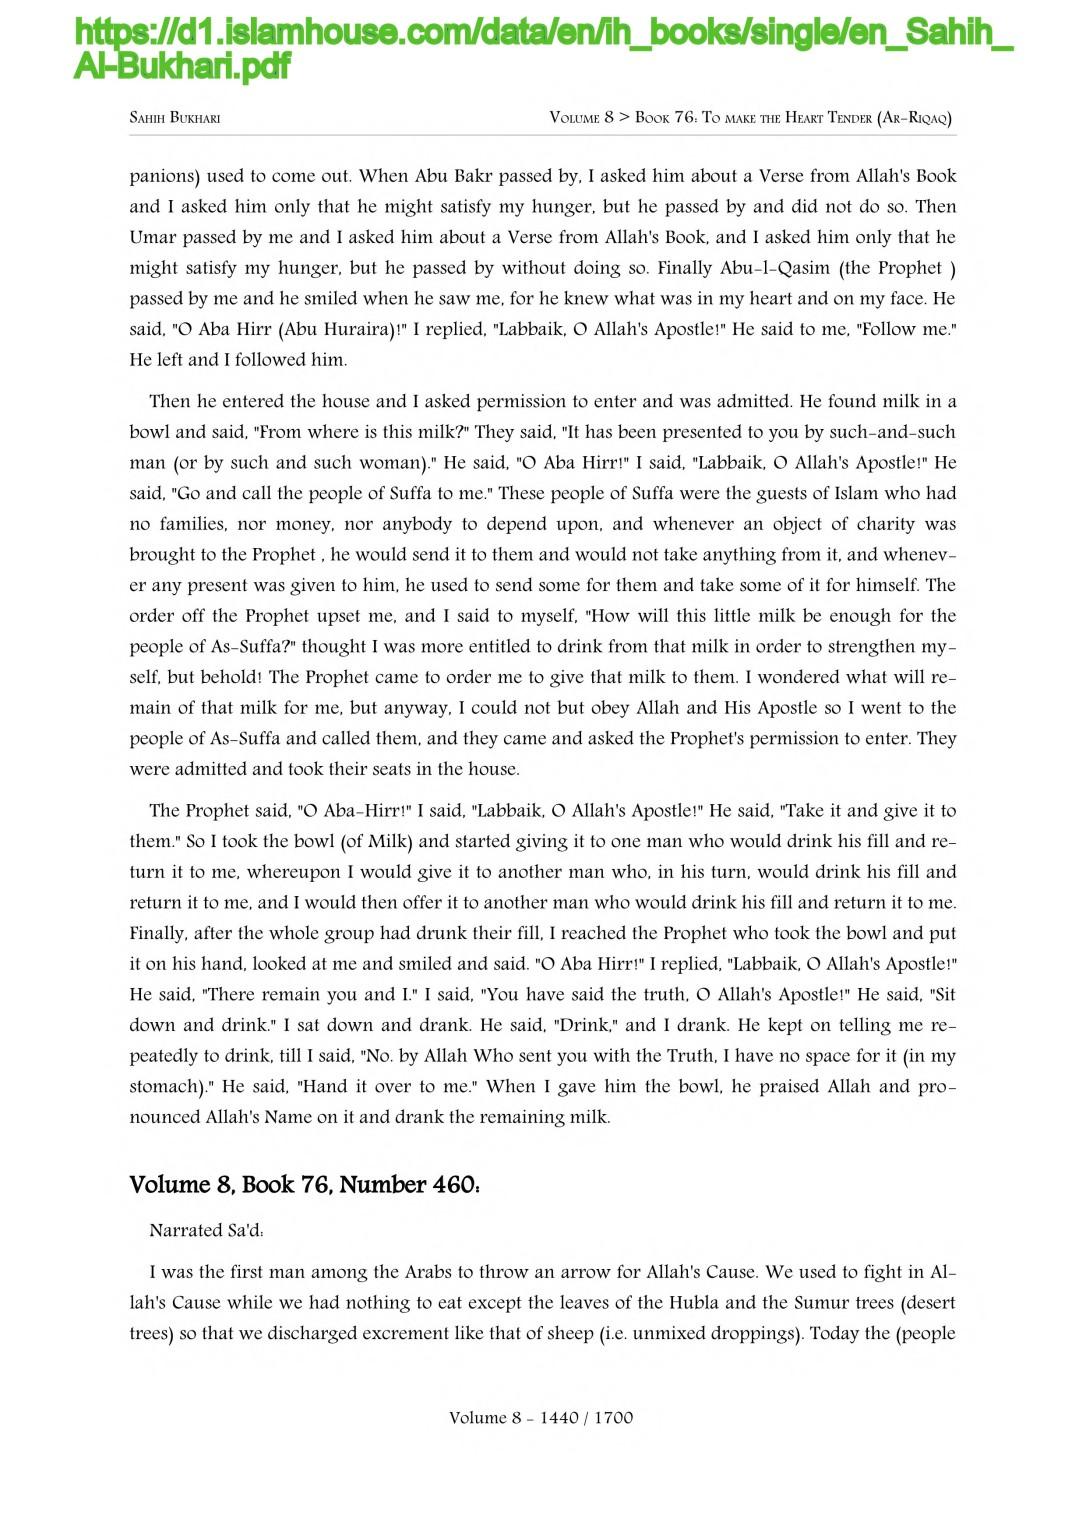 sahih_al-bukhari_1439-2